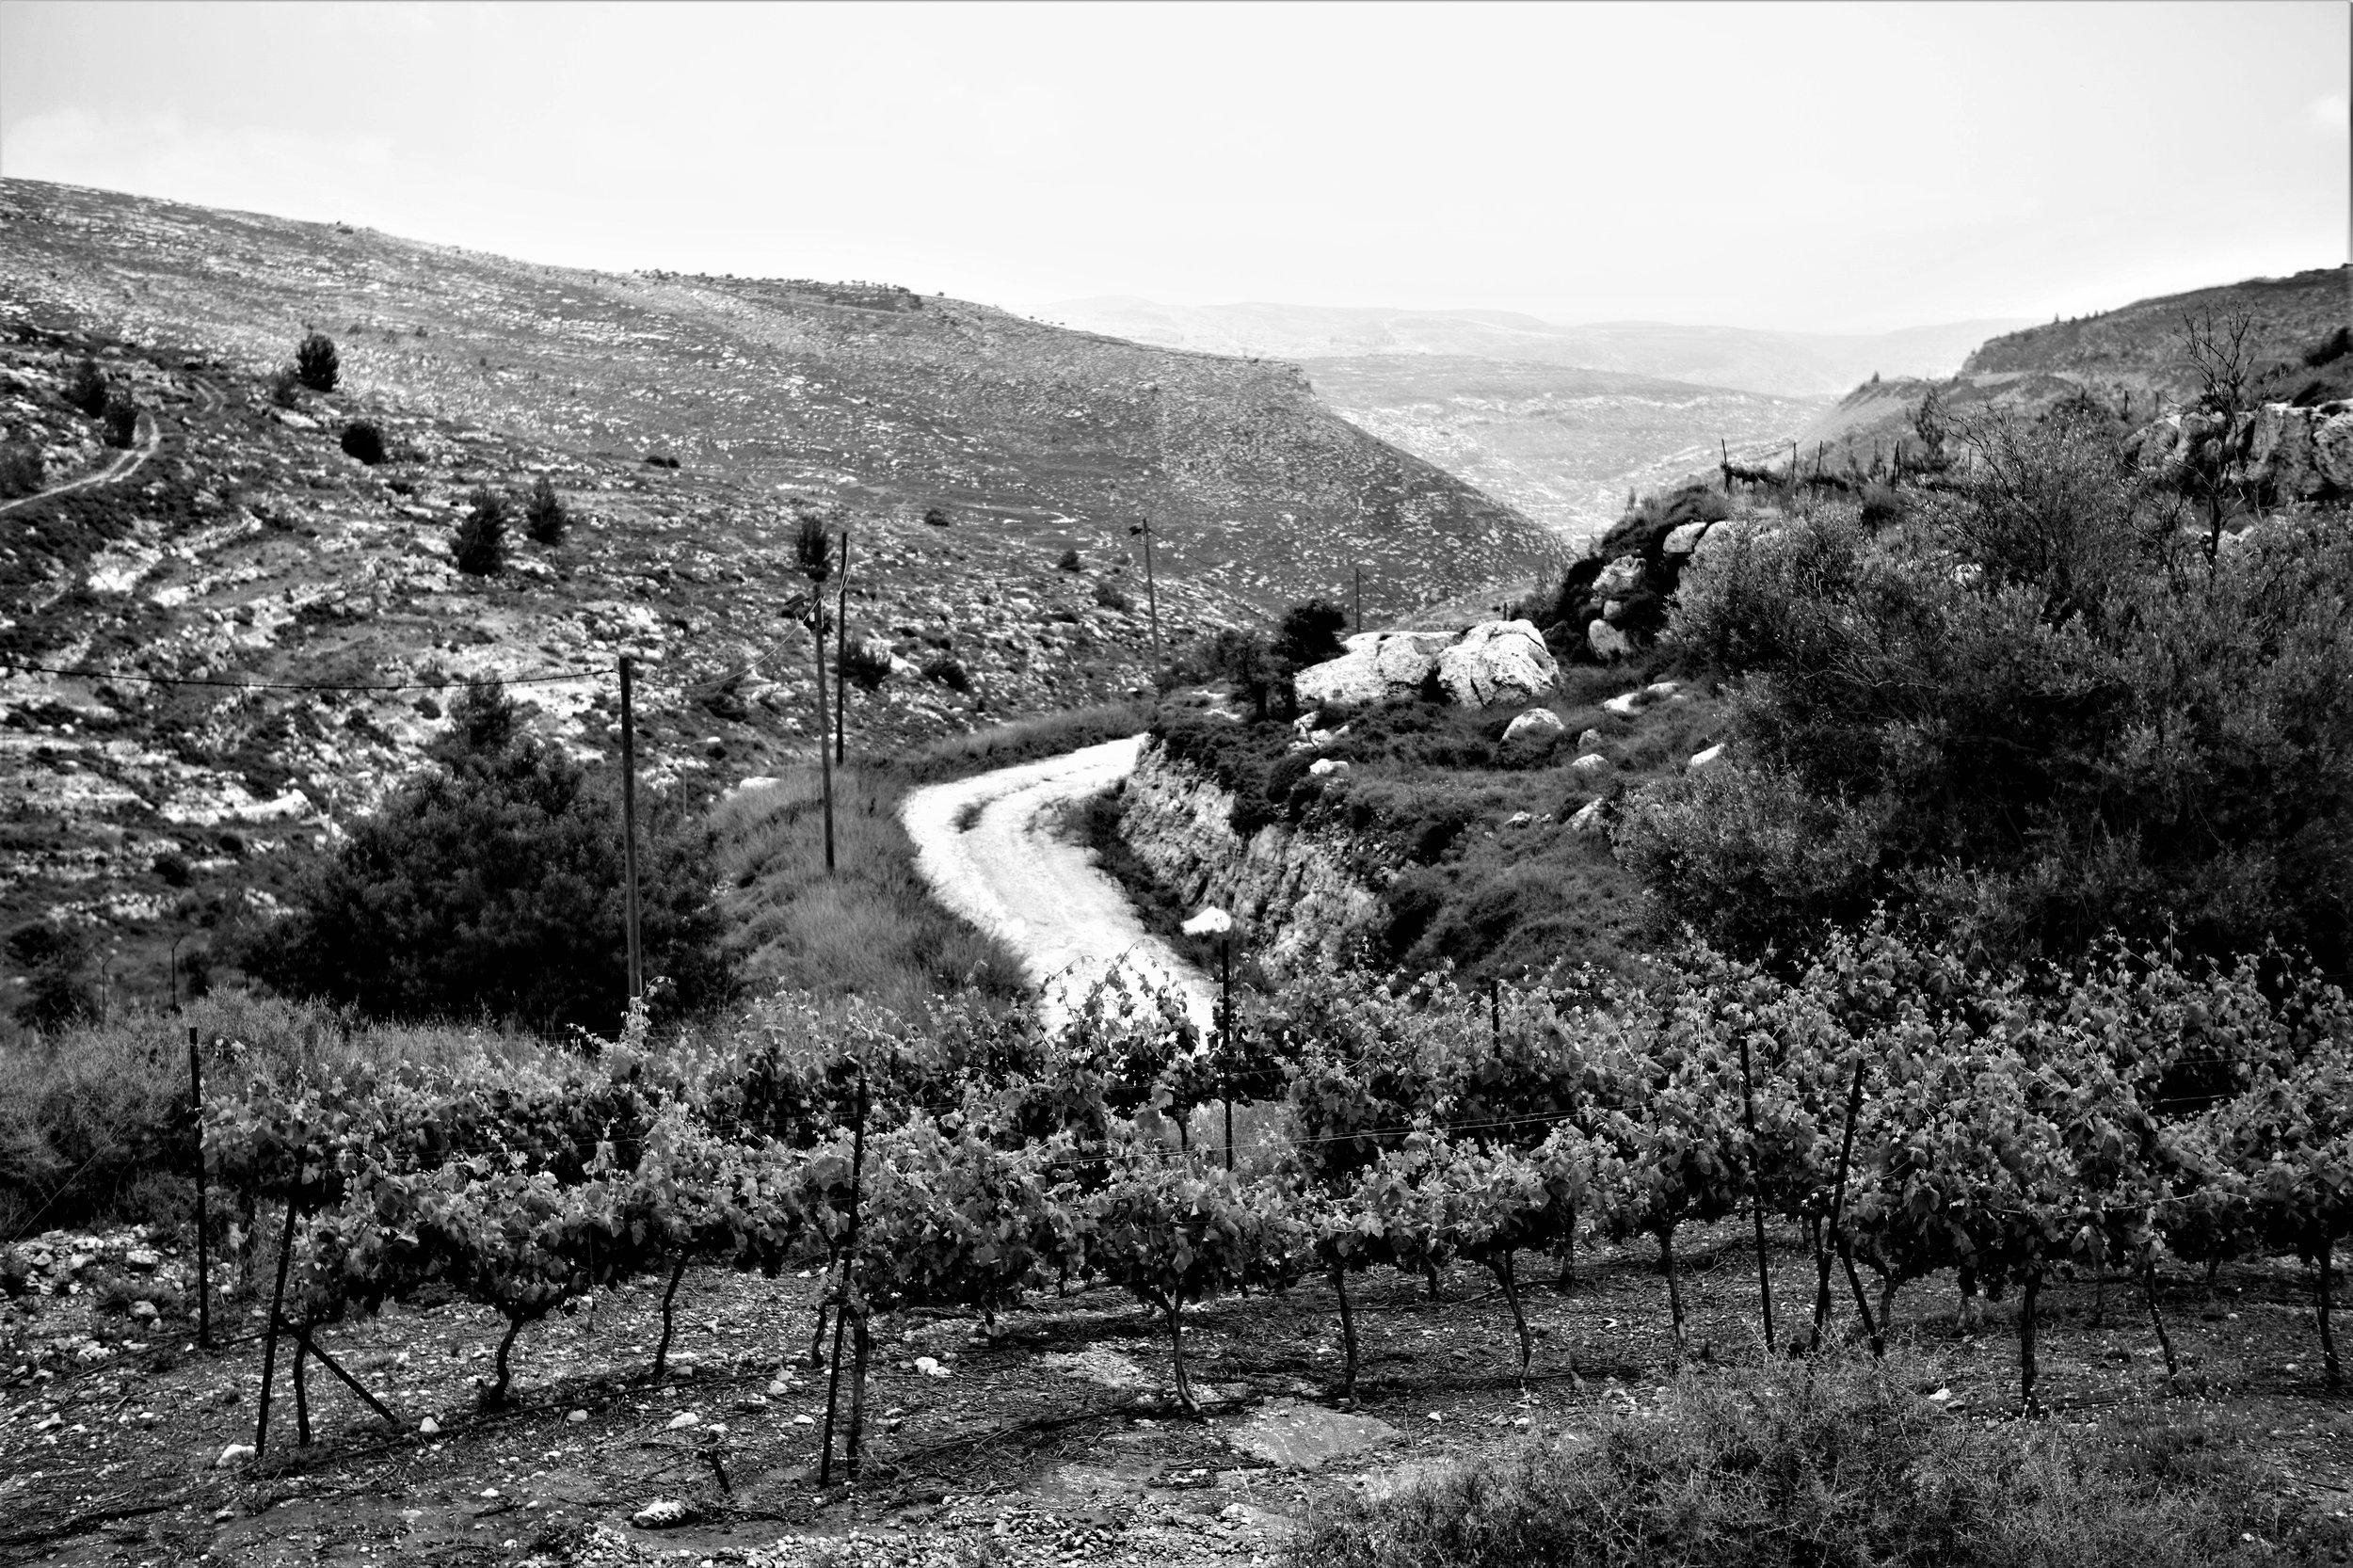 Reben der Psagot Winery am Rande der gleichnamigen Siedlung im Westjordanland. Nach Ramallah ist es von hier ein Katzensprung.